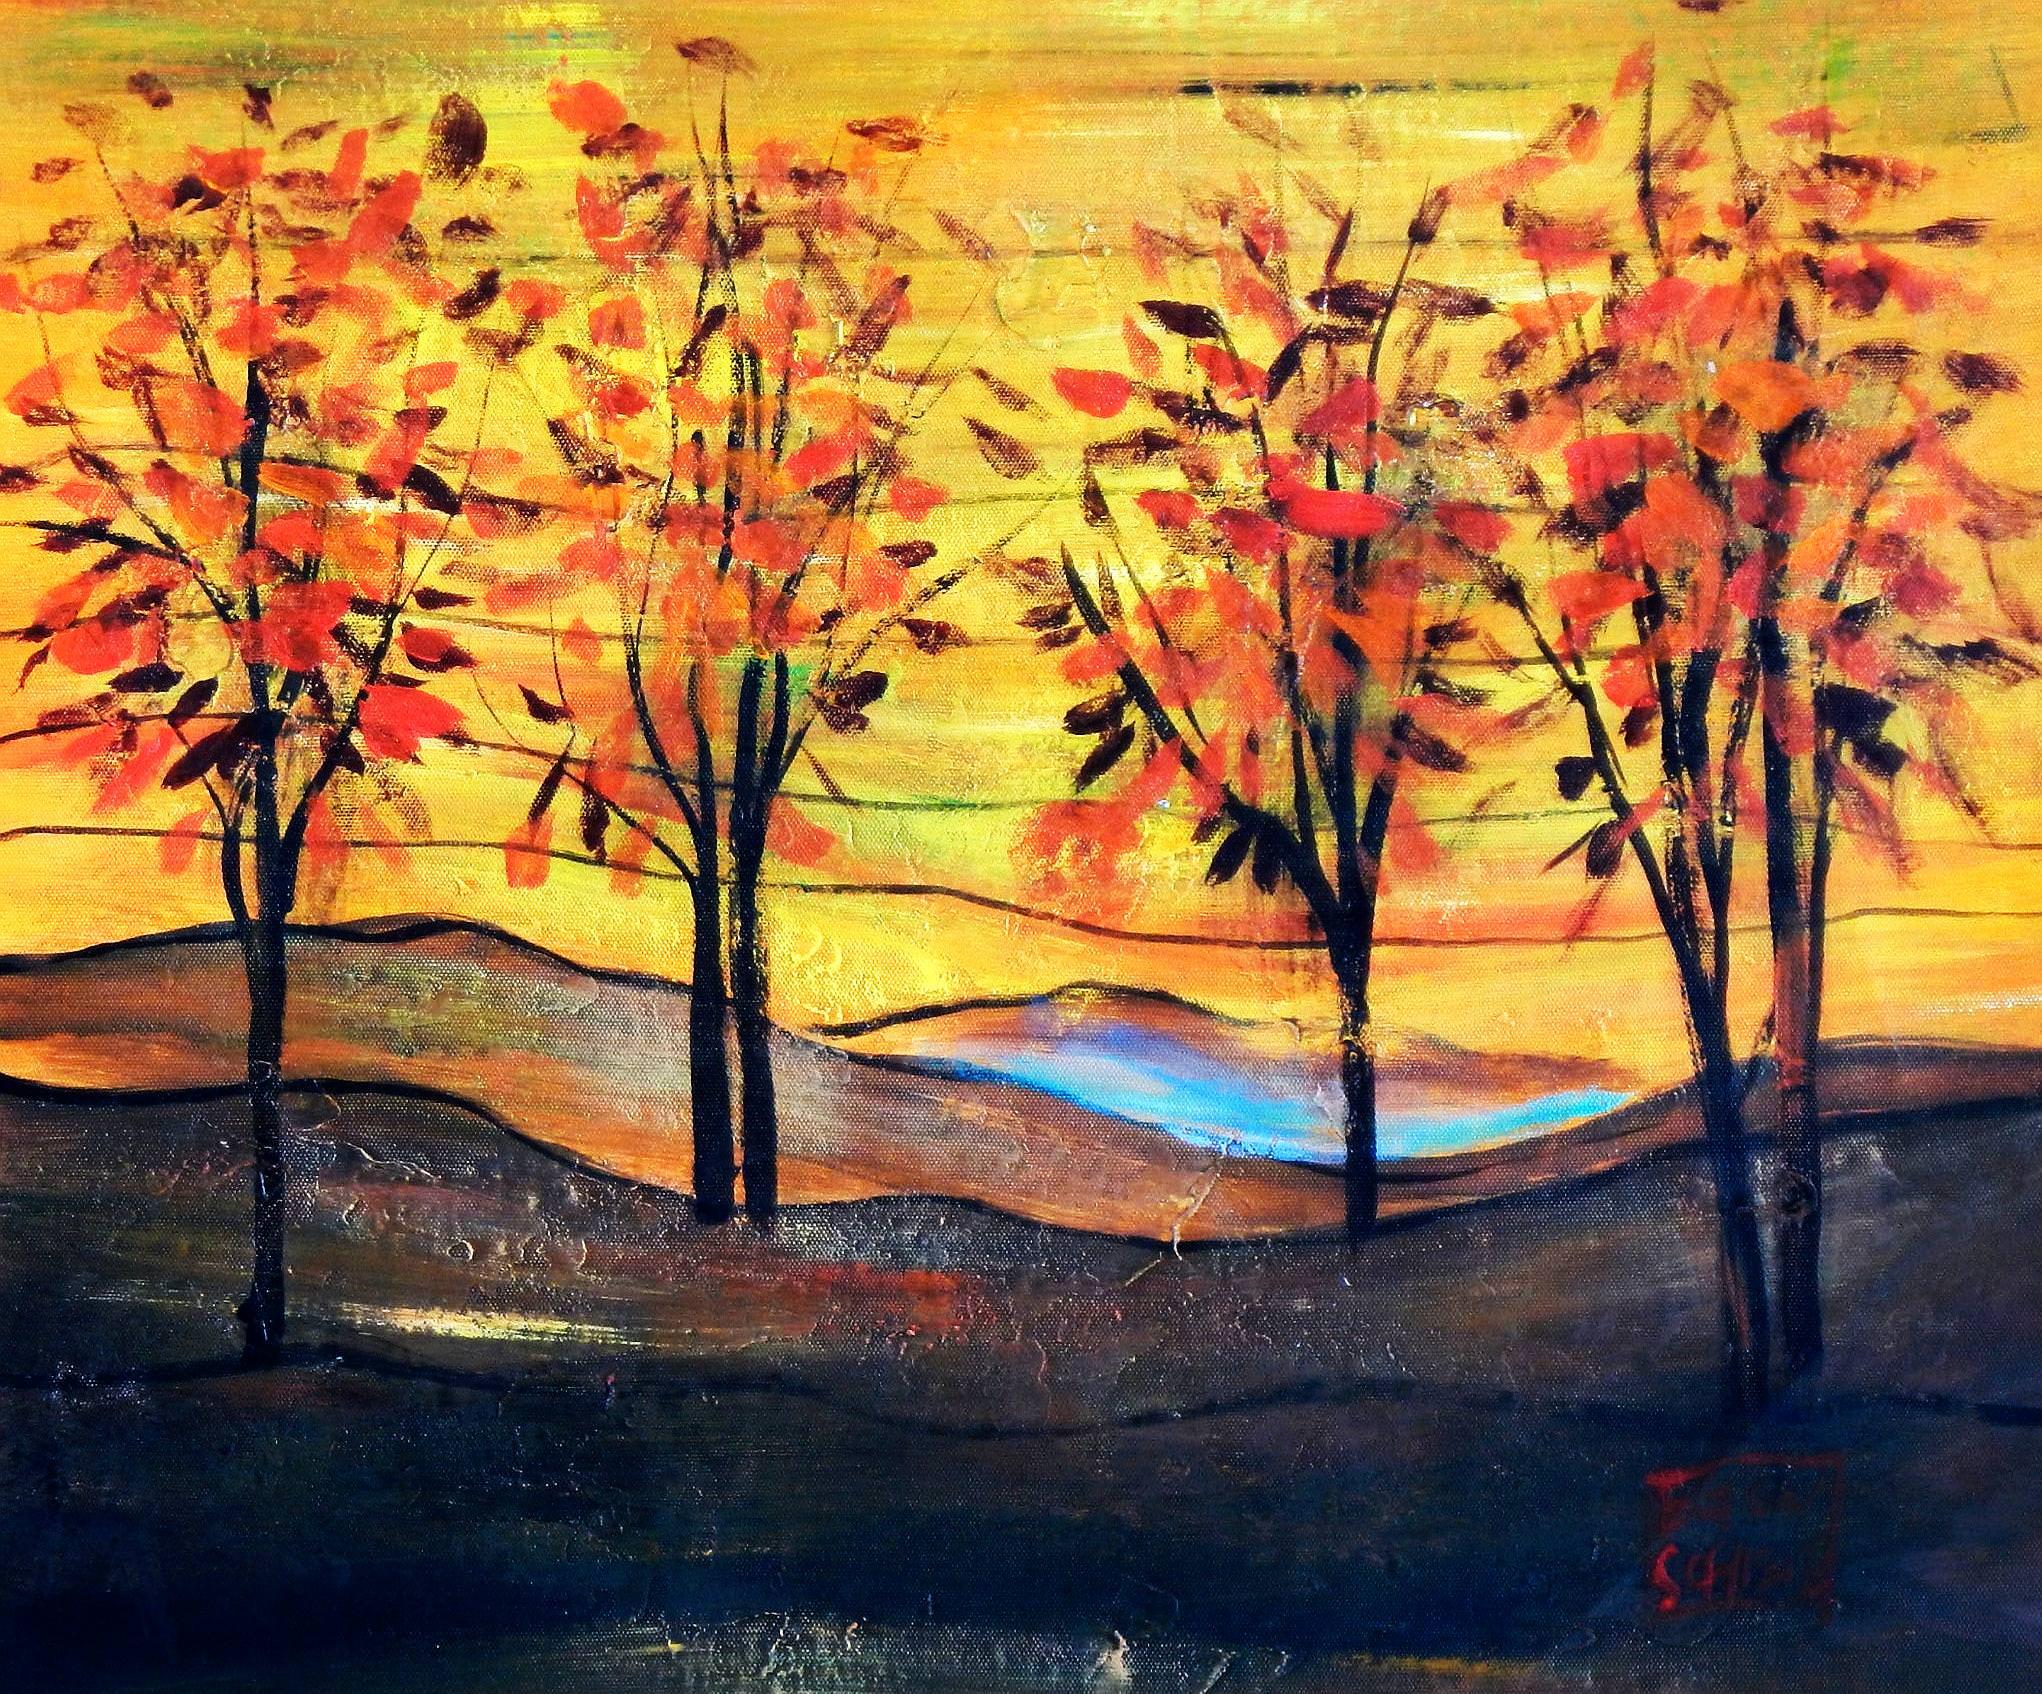 Egon Schiele - Vier Bäume b93878 40x50cm exzellentes Ölbild